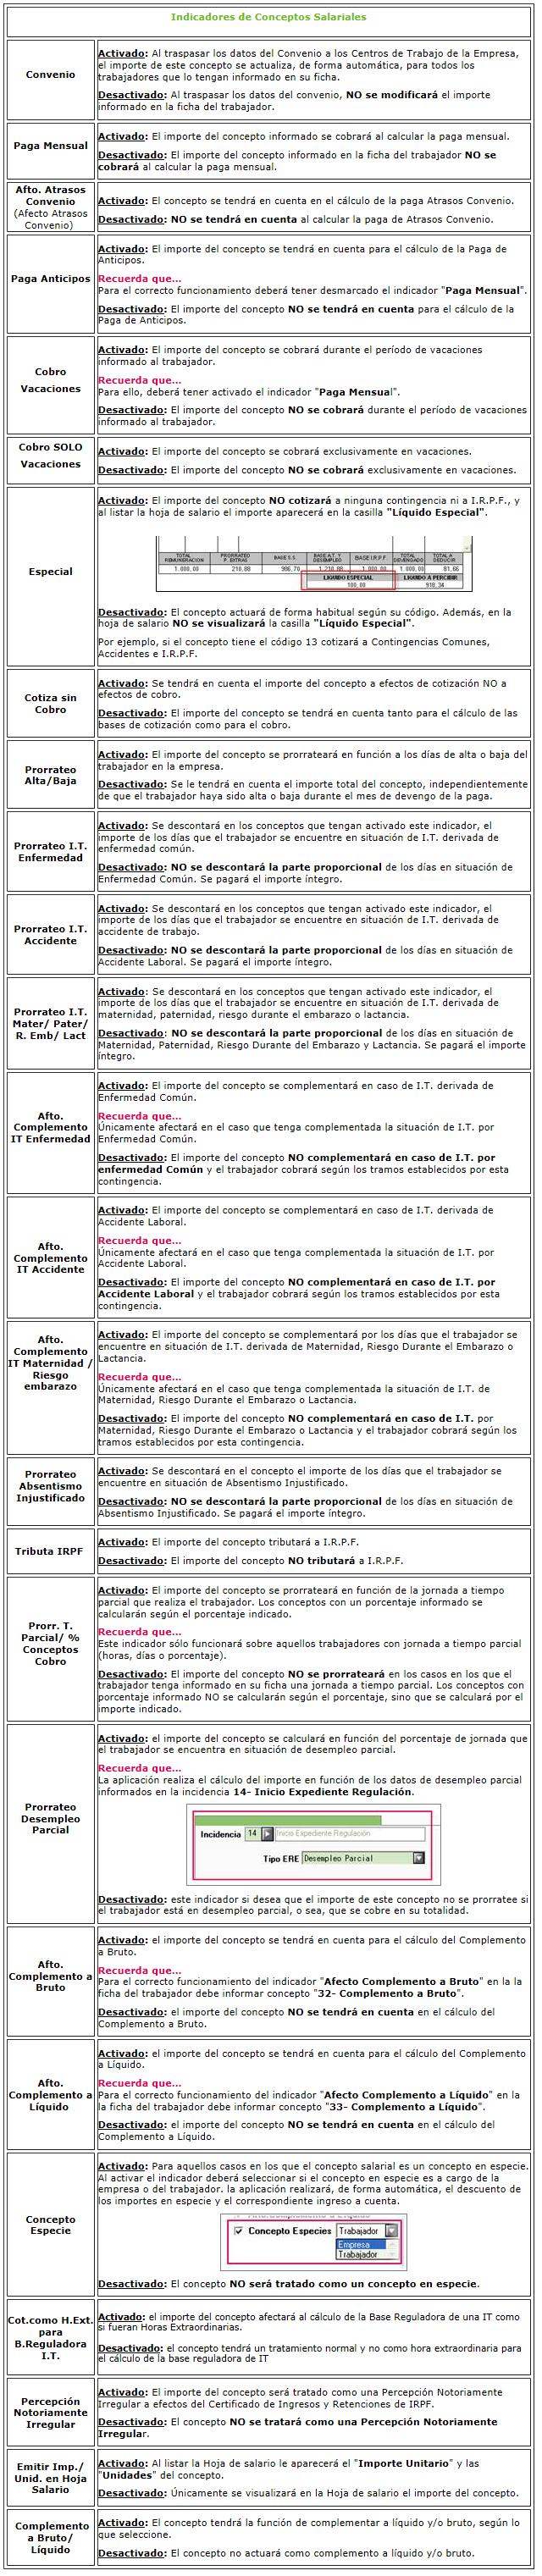 tabla_indicadores_conceptos